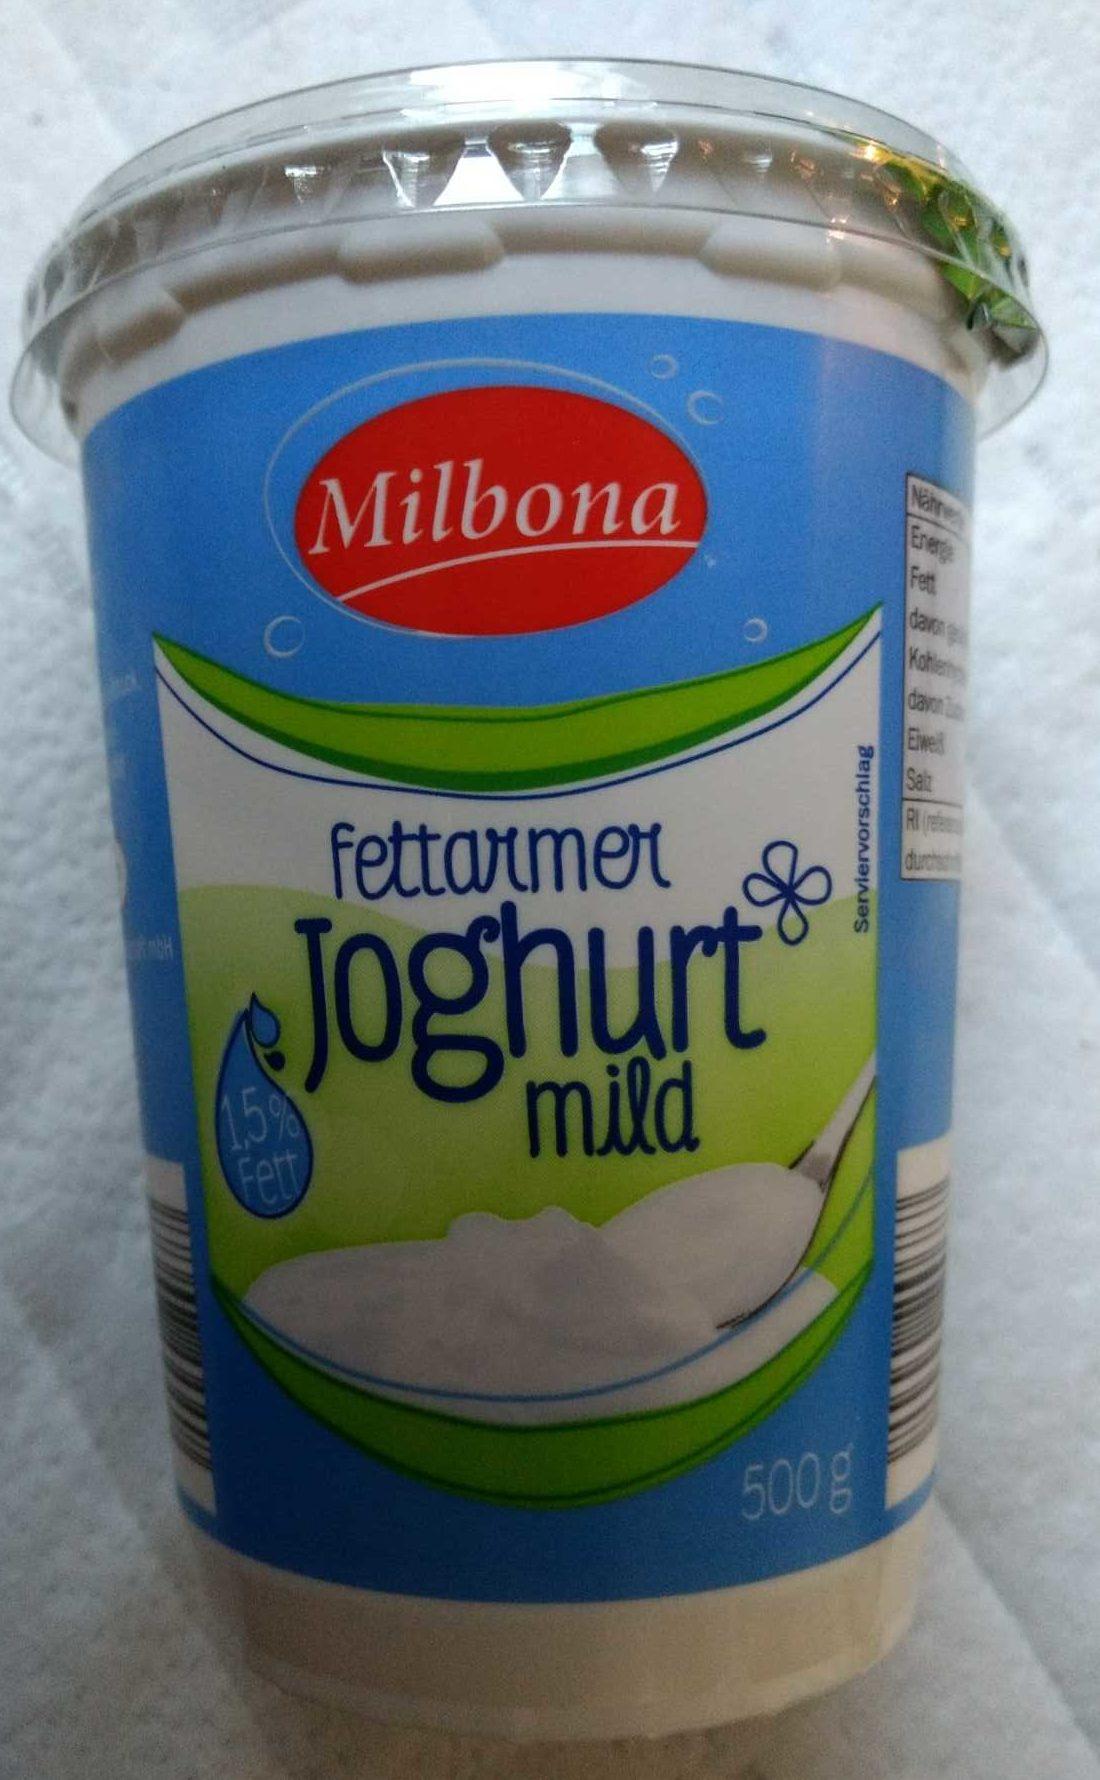 Fettarmer Joghurt mild - Produkt